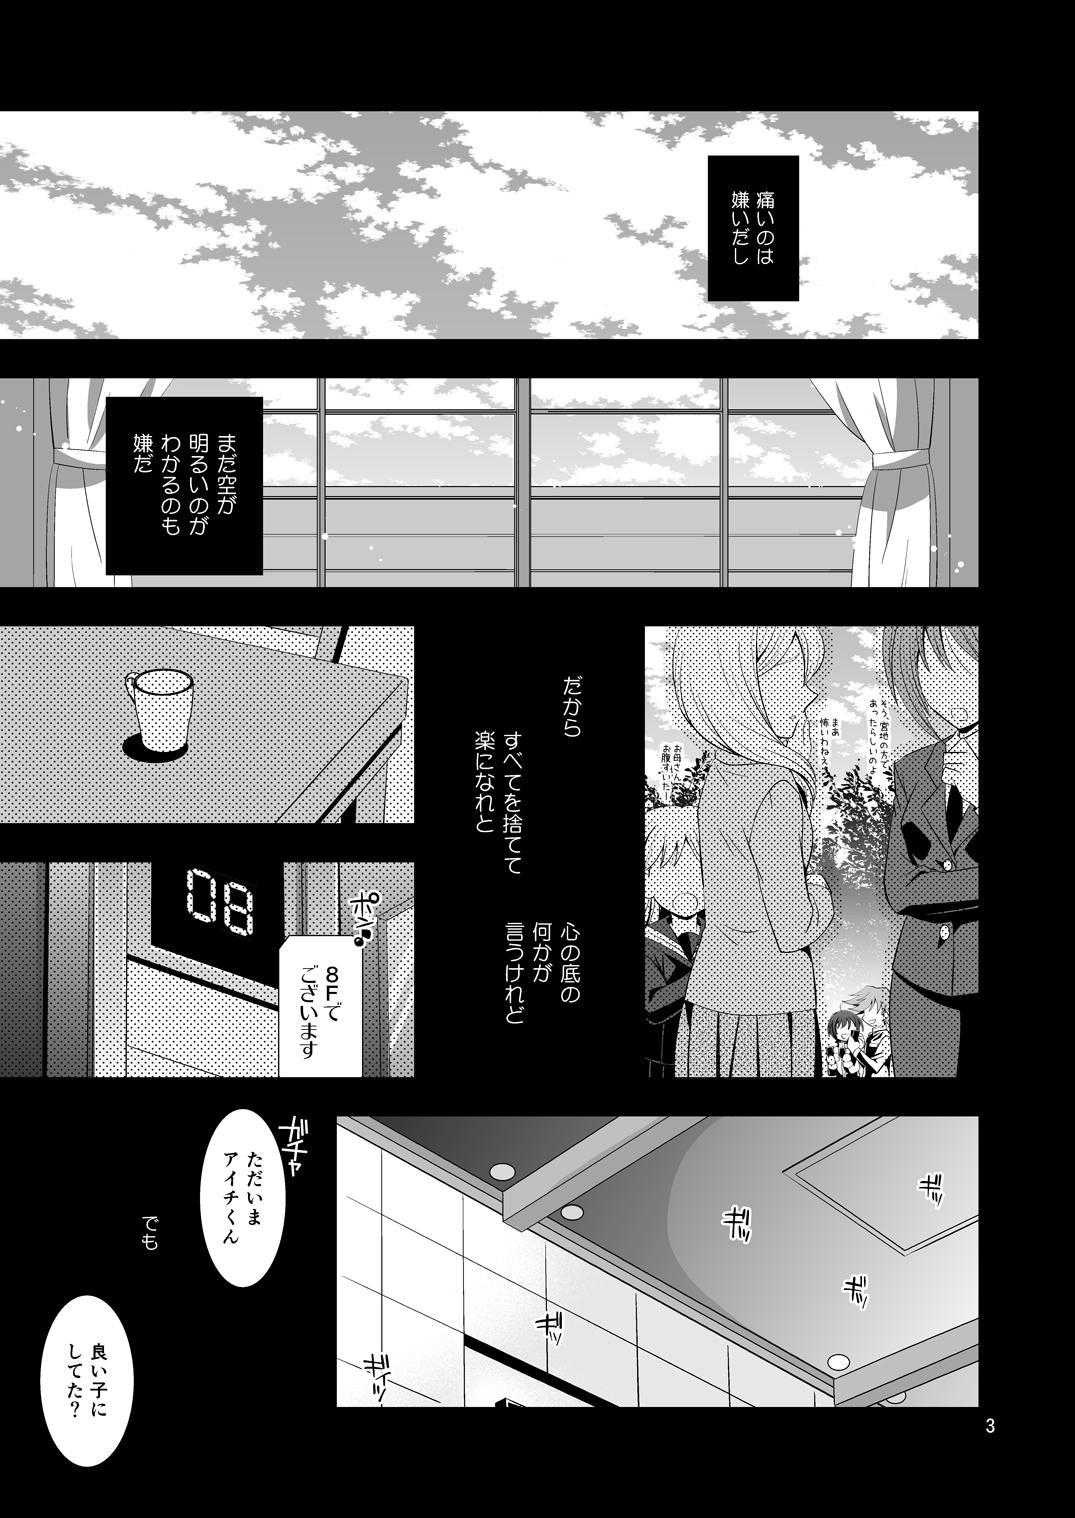 Kaihatsu Tochuu 810-2 1